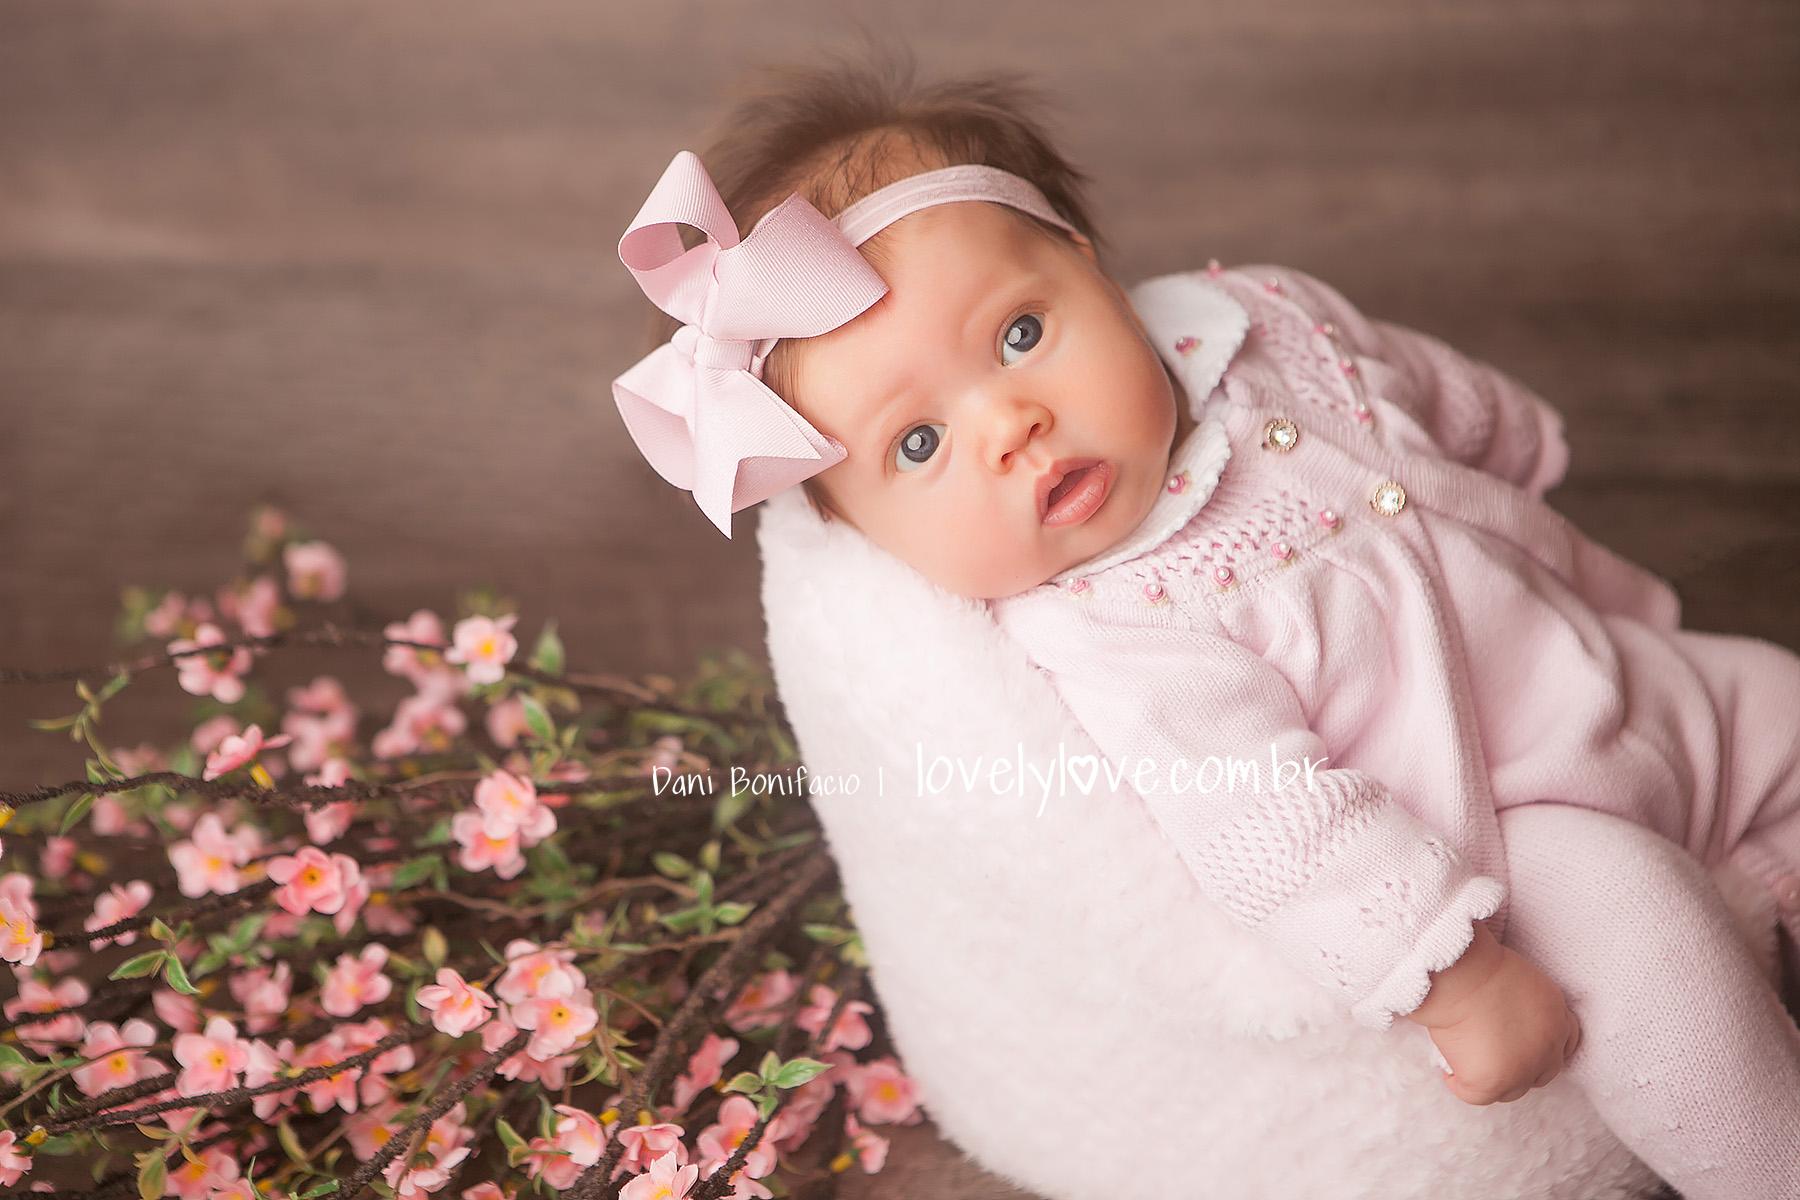 danibonifacio-lovelylove-fotografia-acomapanhamentobebe-ensaioinfantil-newborn-fotografadefamilia-gravida-gestante5